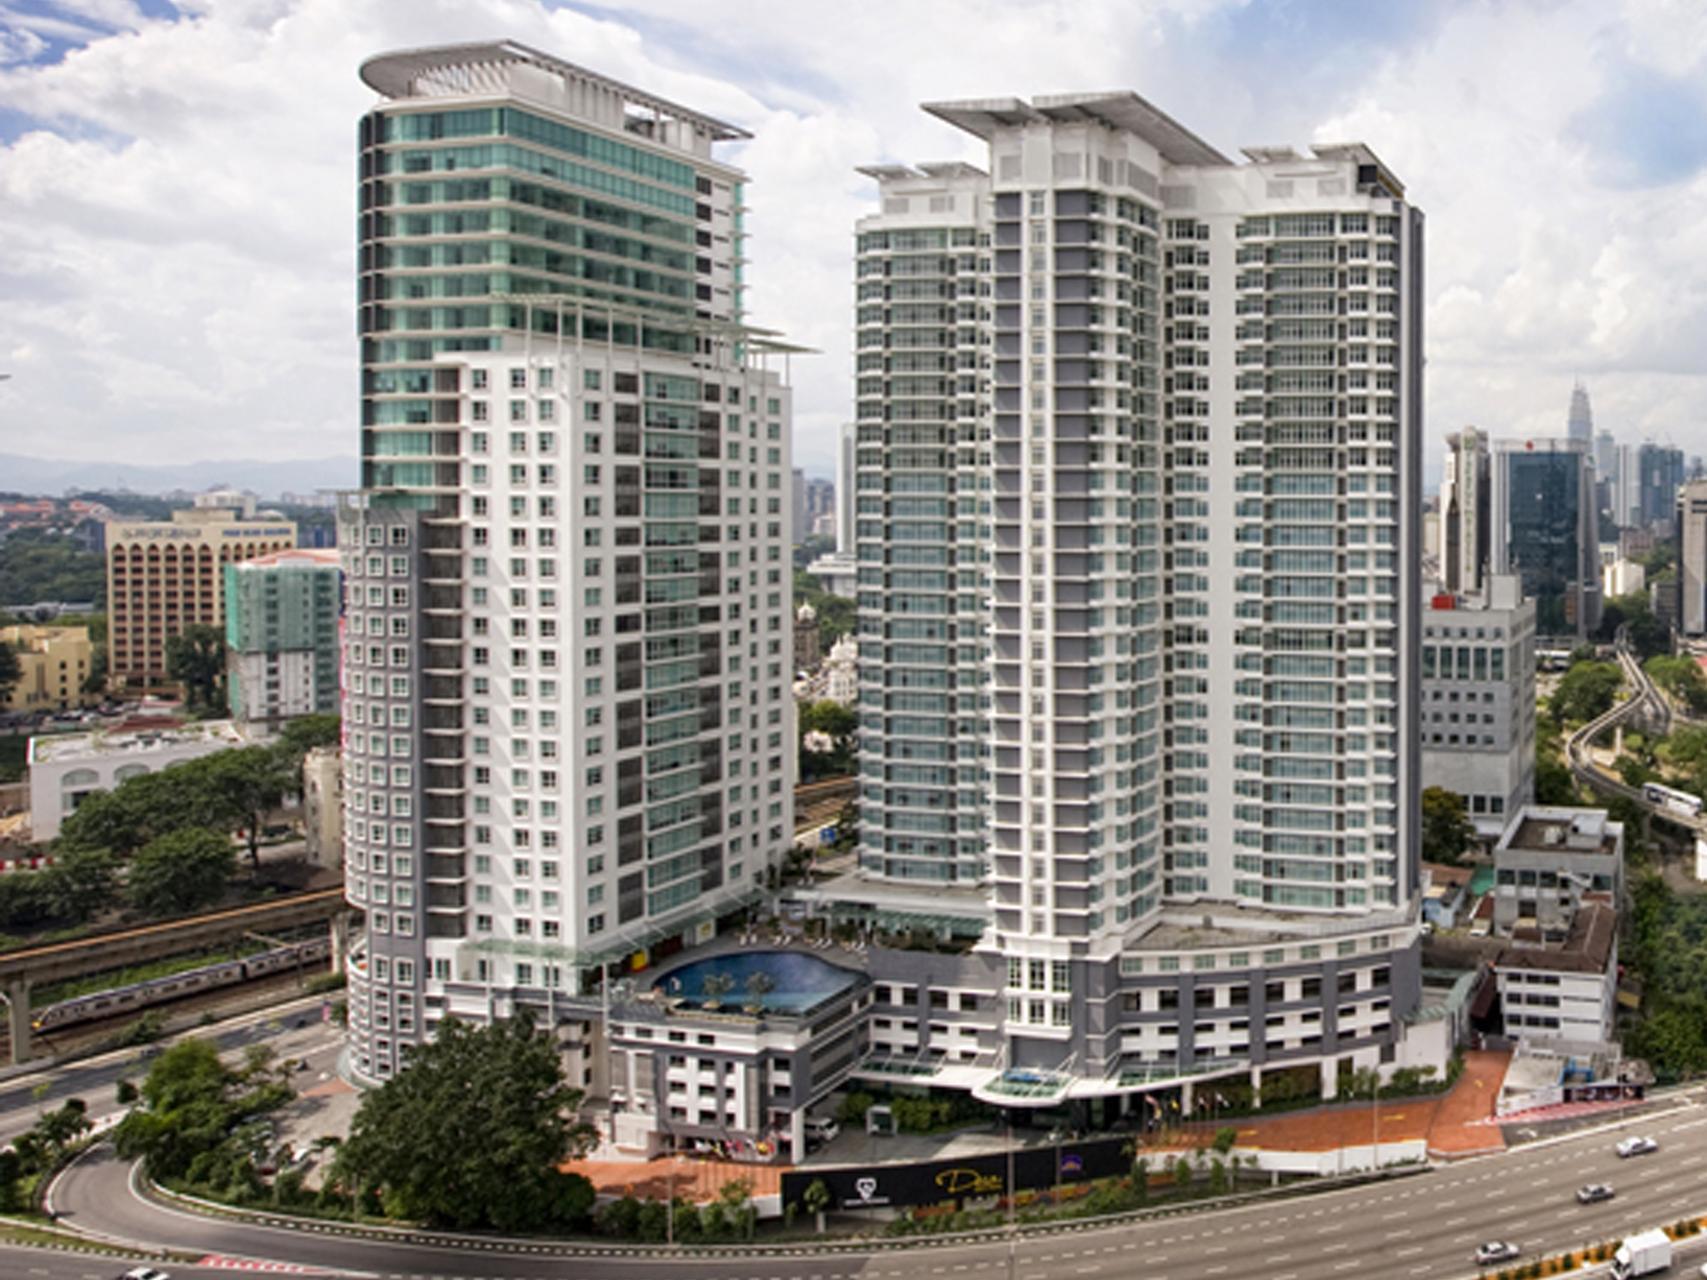 Dua Sentral Kuala Lumpur Hotel